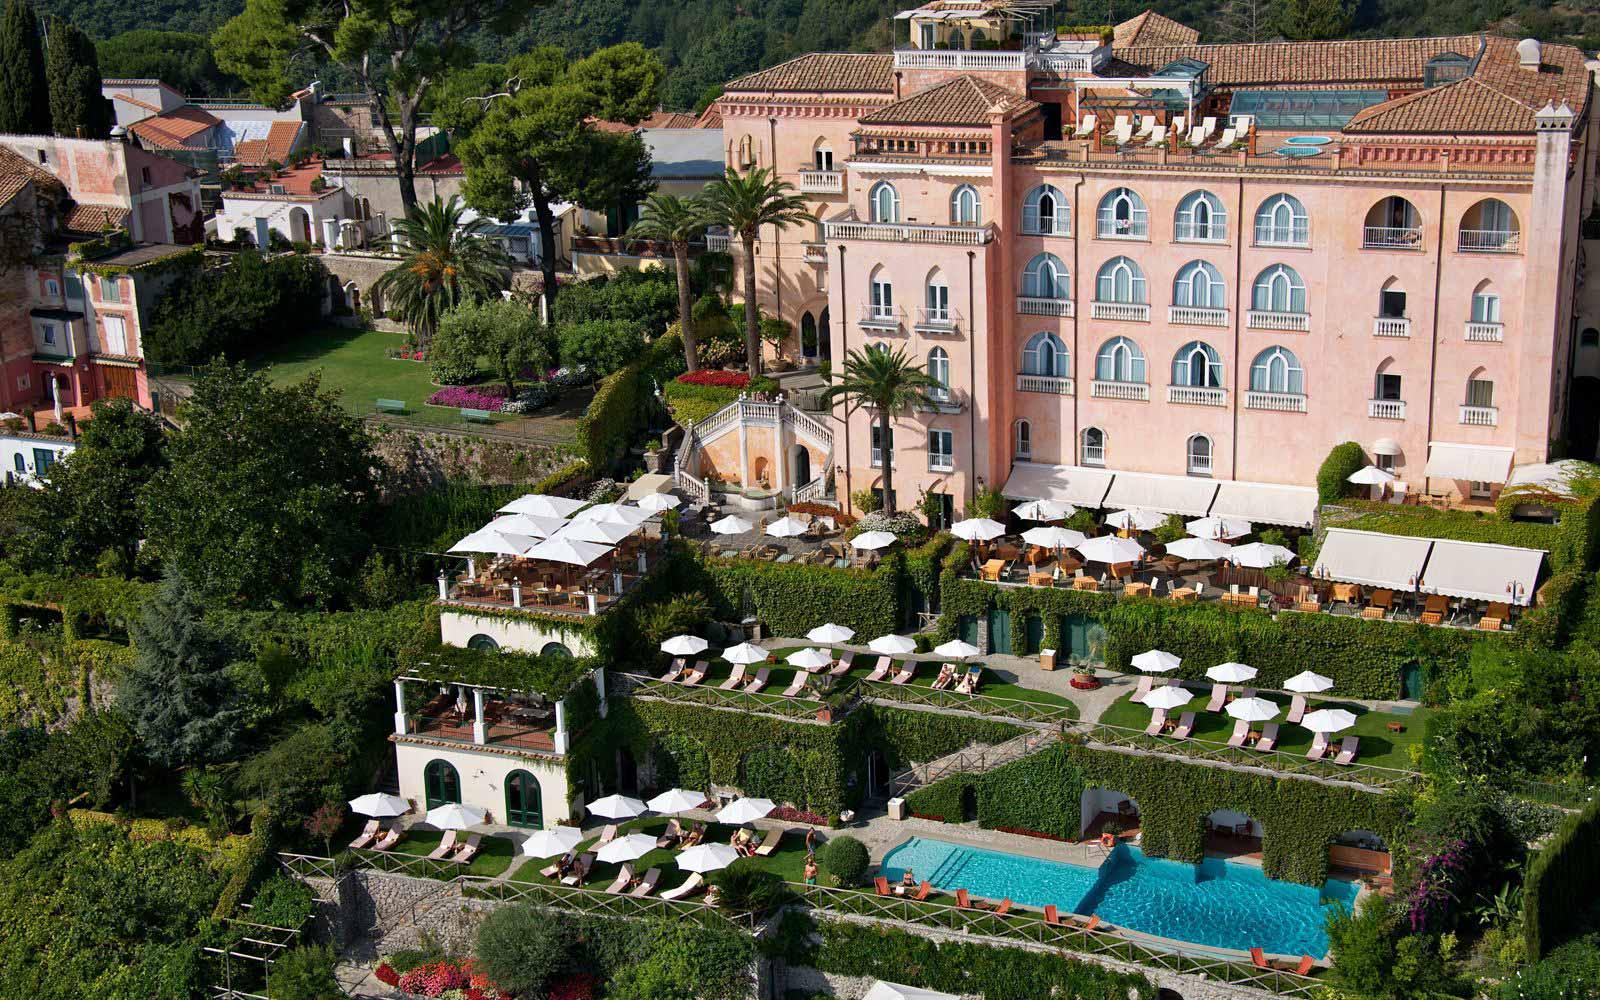 Palazzo Avino & Pool Ravello